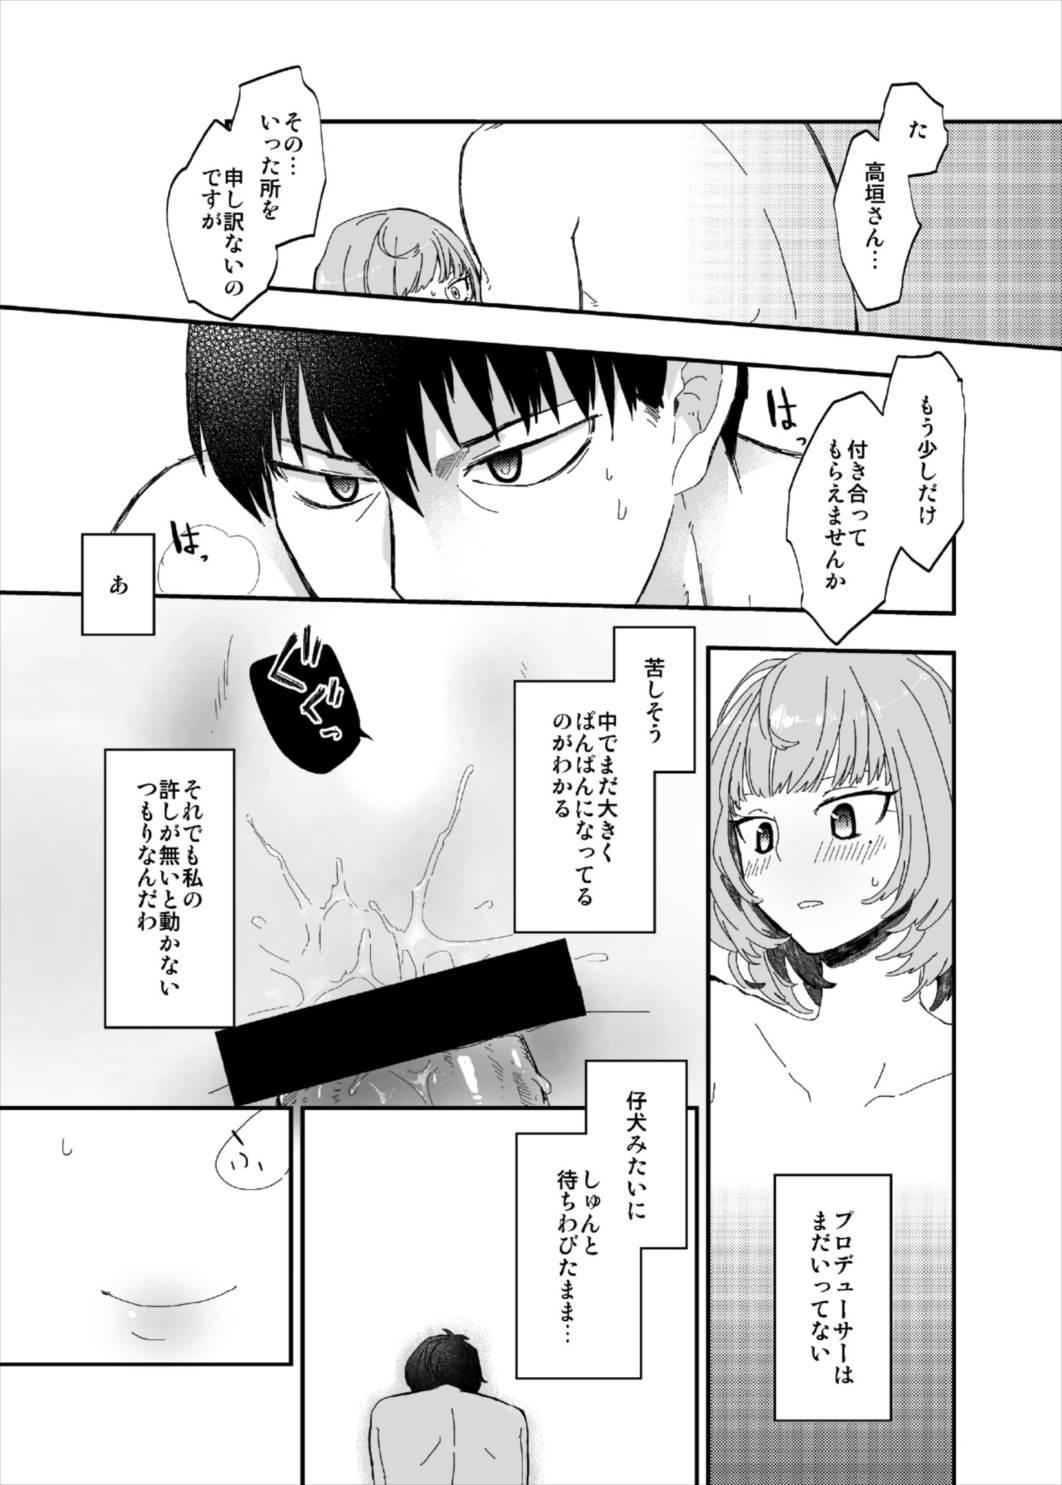 Takeuchi P to Takagaki Kaede-san ga Hatsu H de Mechakucha Ichaicha Suru Hon 14